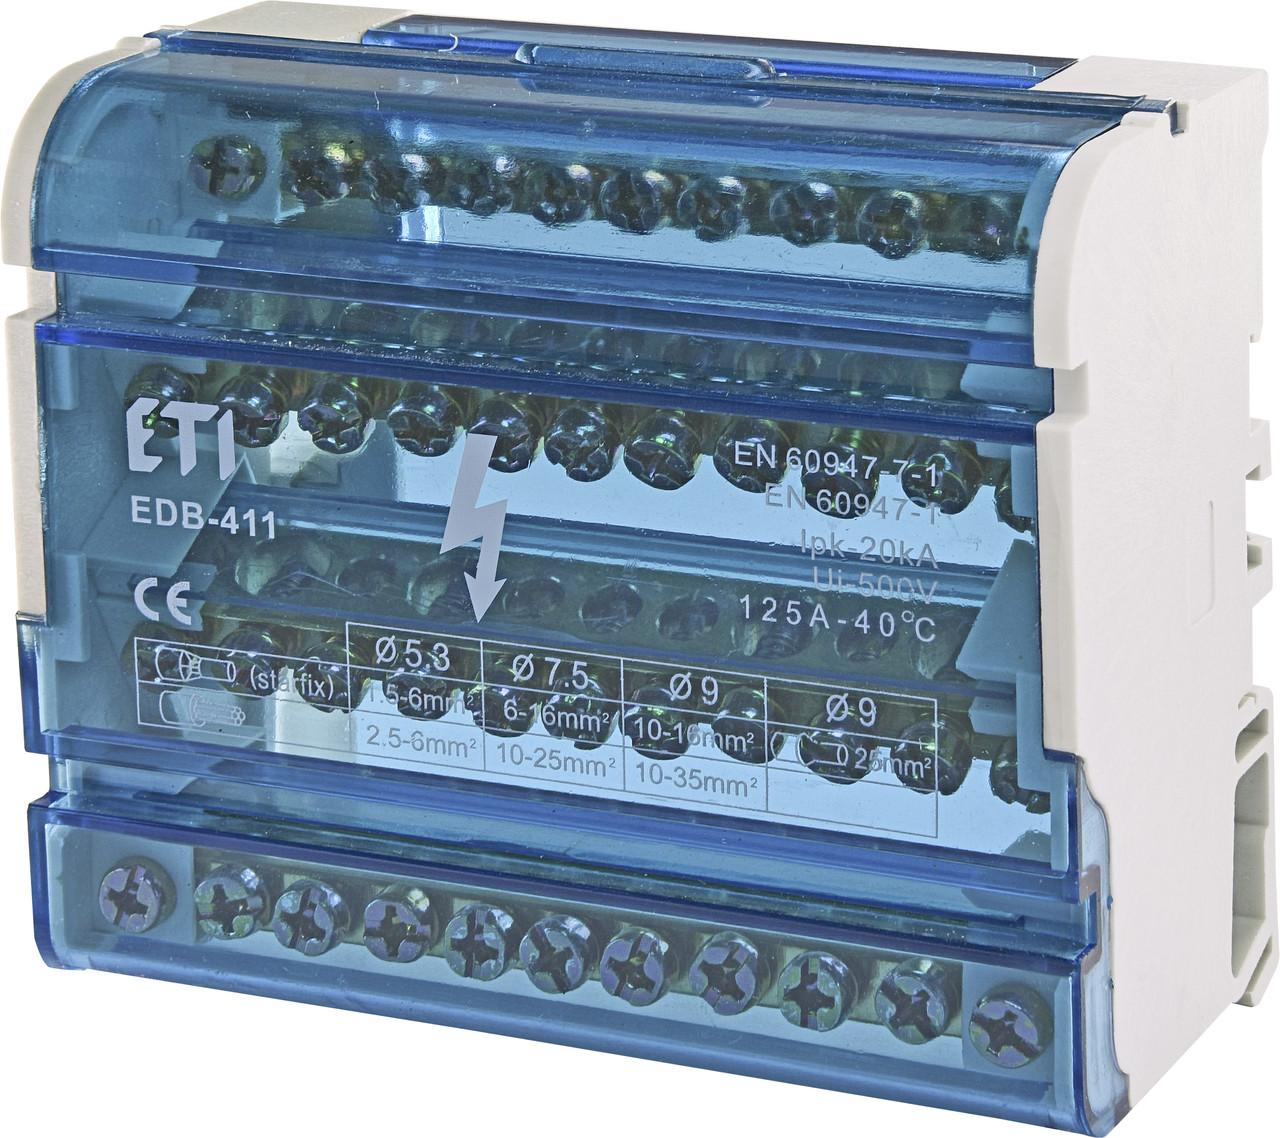 Блок распределительный  EDB-411  4p, 3L+PE/N, 125A (11 выходов) ETI